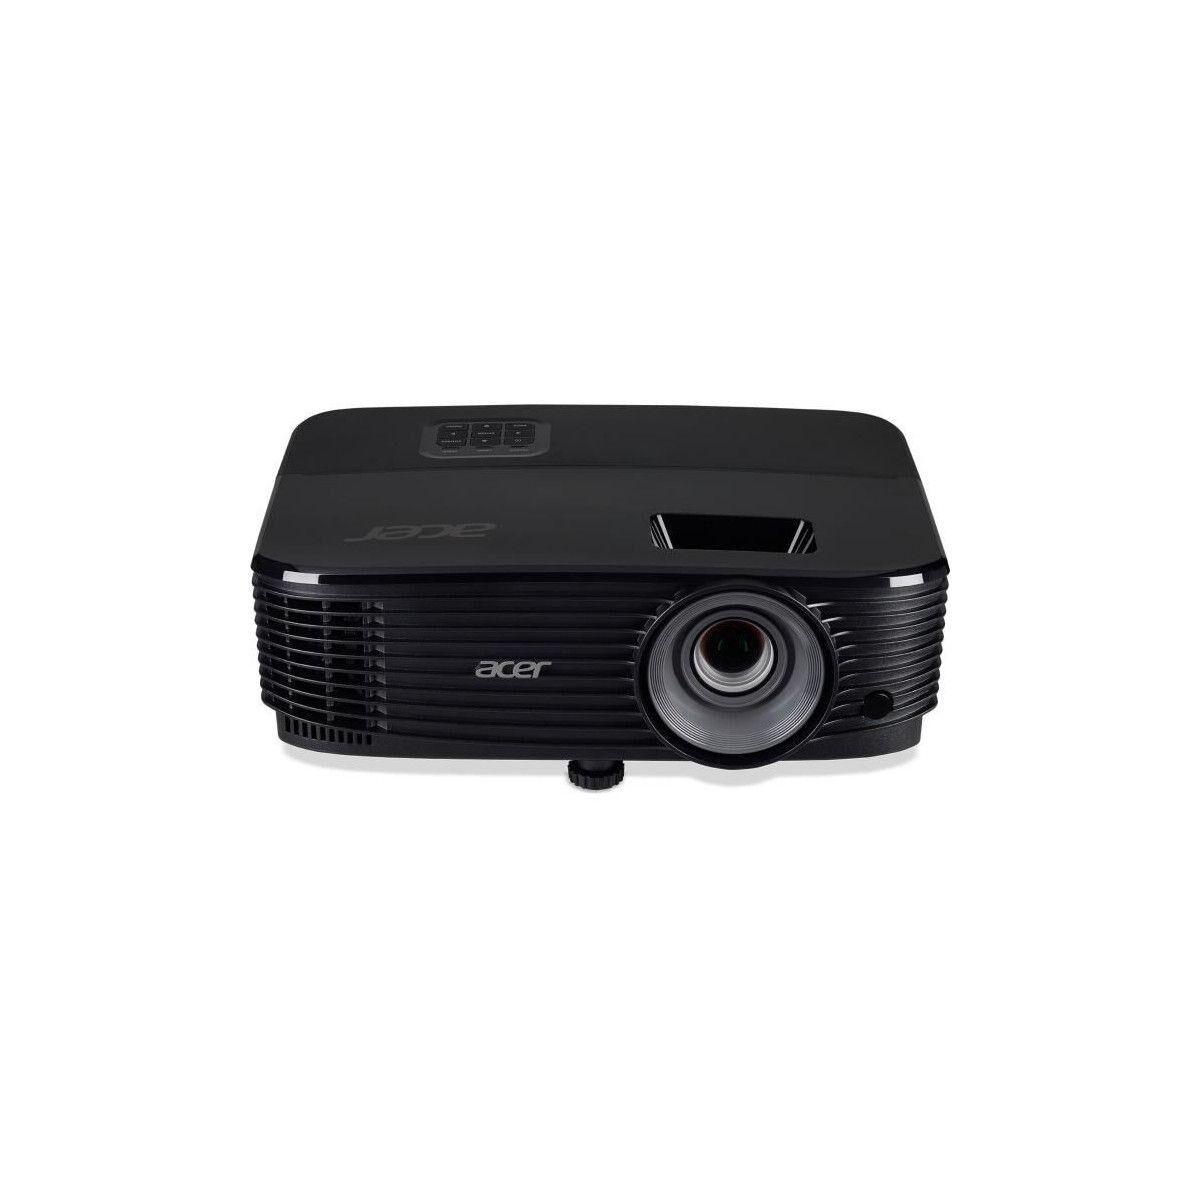 ACER X1123H Videoprojecteur DLP - 3 600 ANSI Lumens